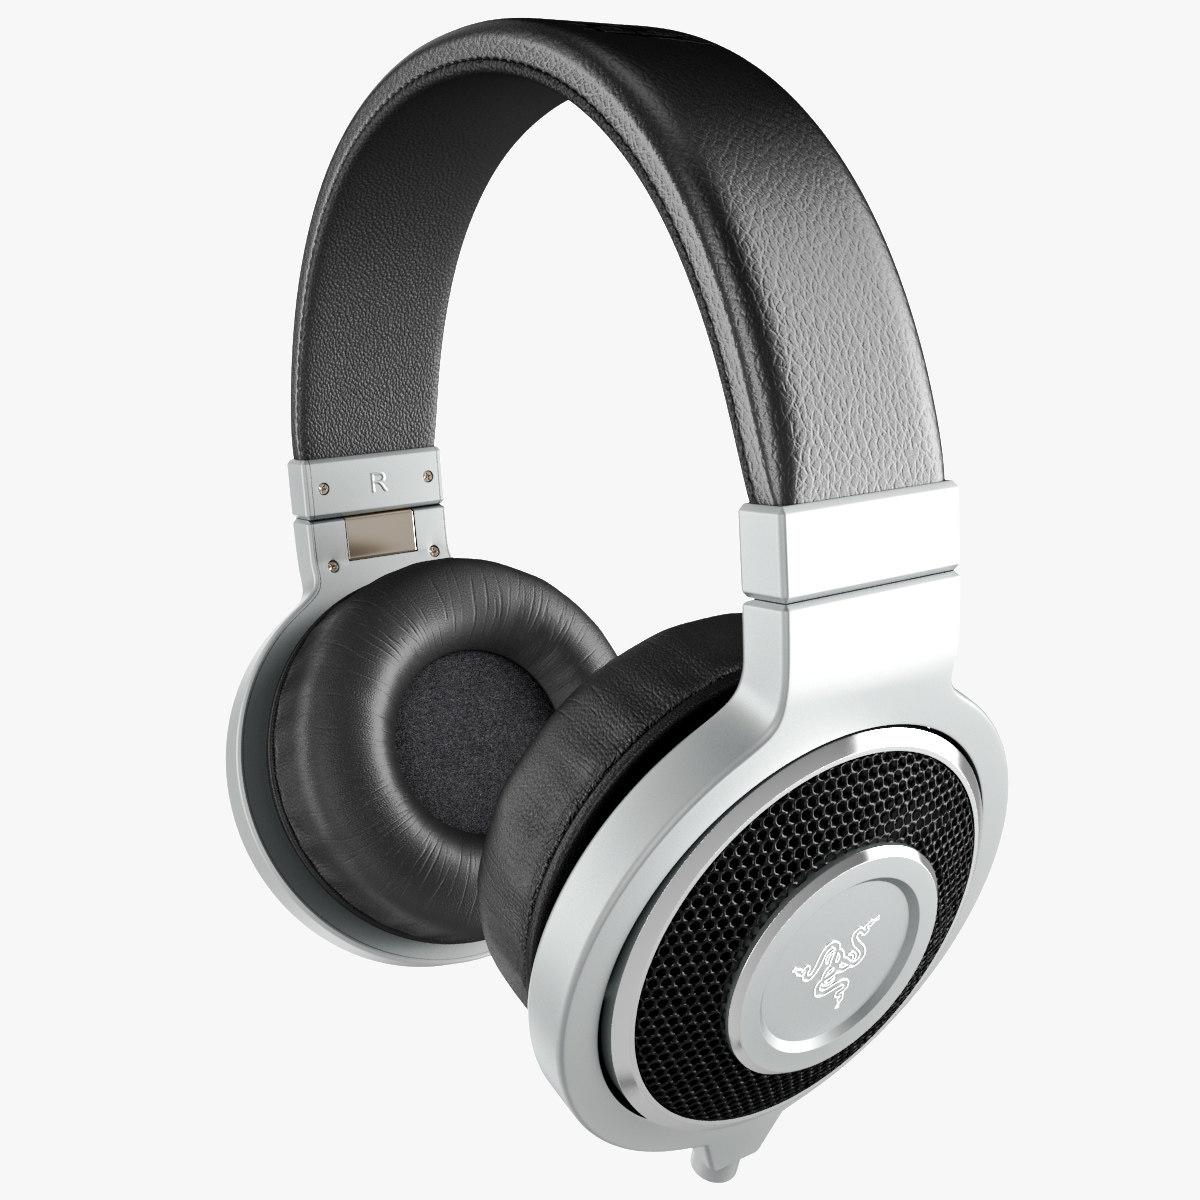 Headphones Razer Kraken_00072.jpg